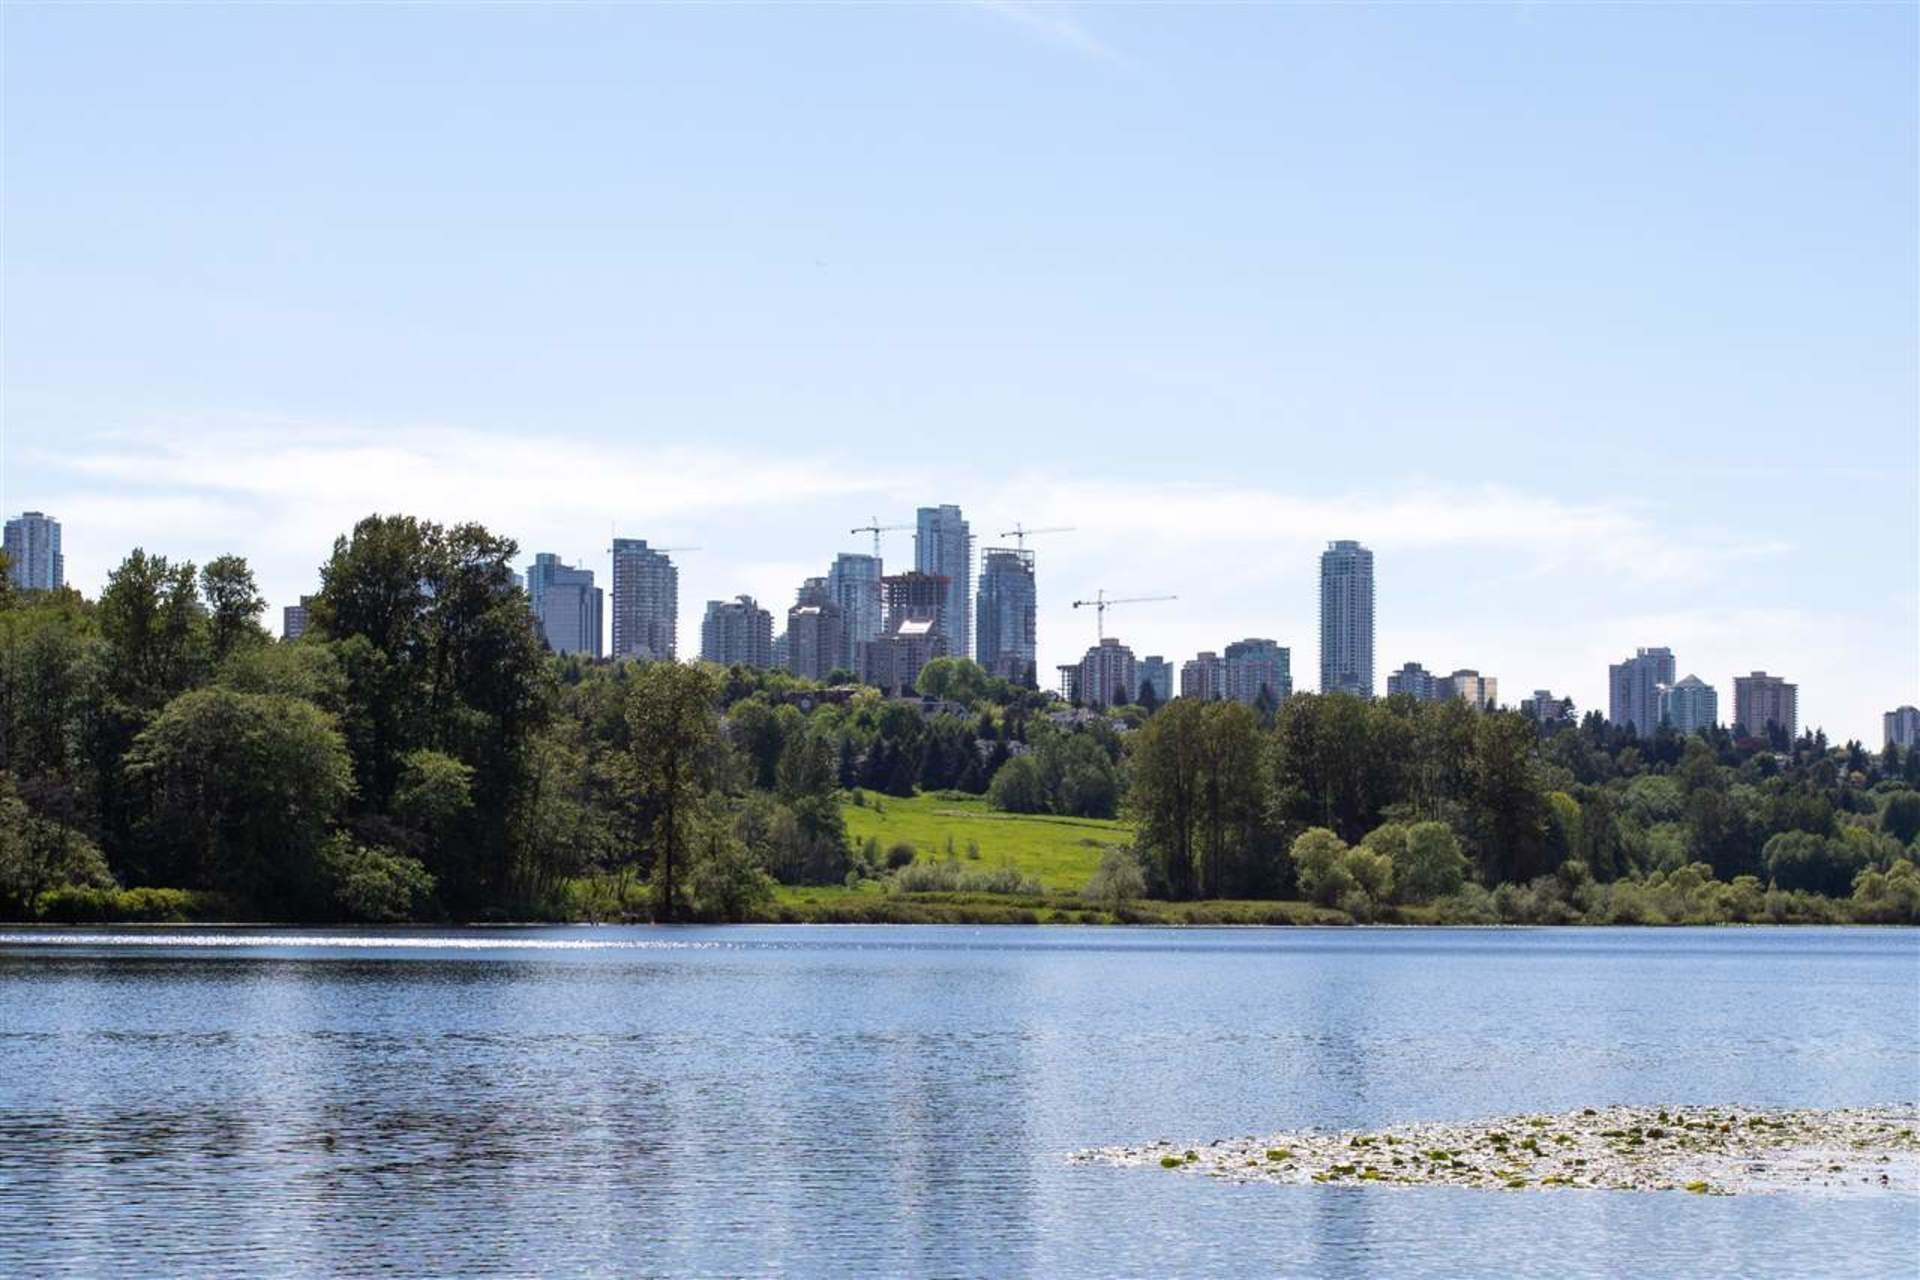 6036-brantford-avenue-upper-deer-lake-burnaby-south-13 at 6036 Brantford Avenue, Upper Deer Lake, Burnaby South